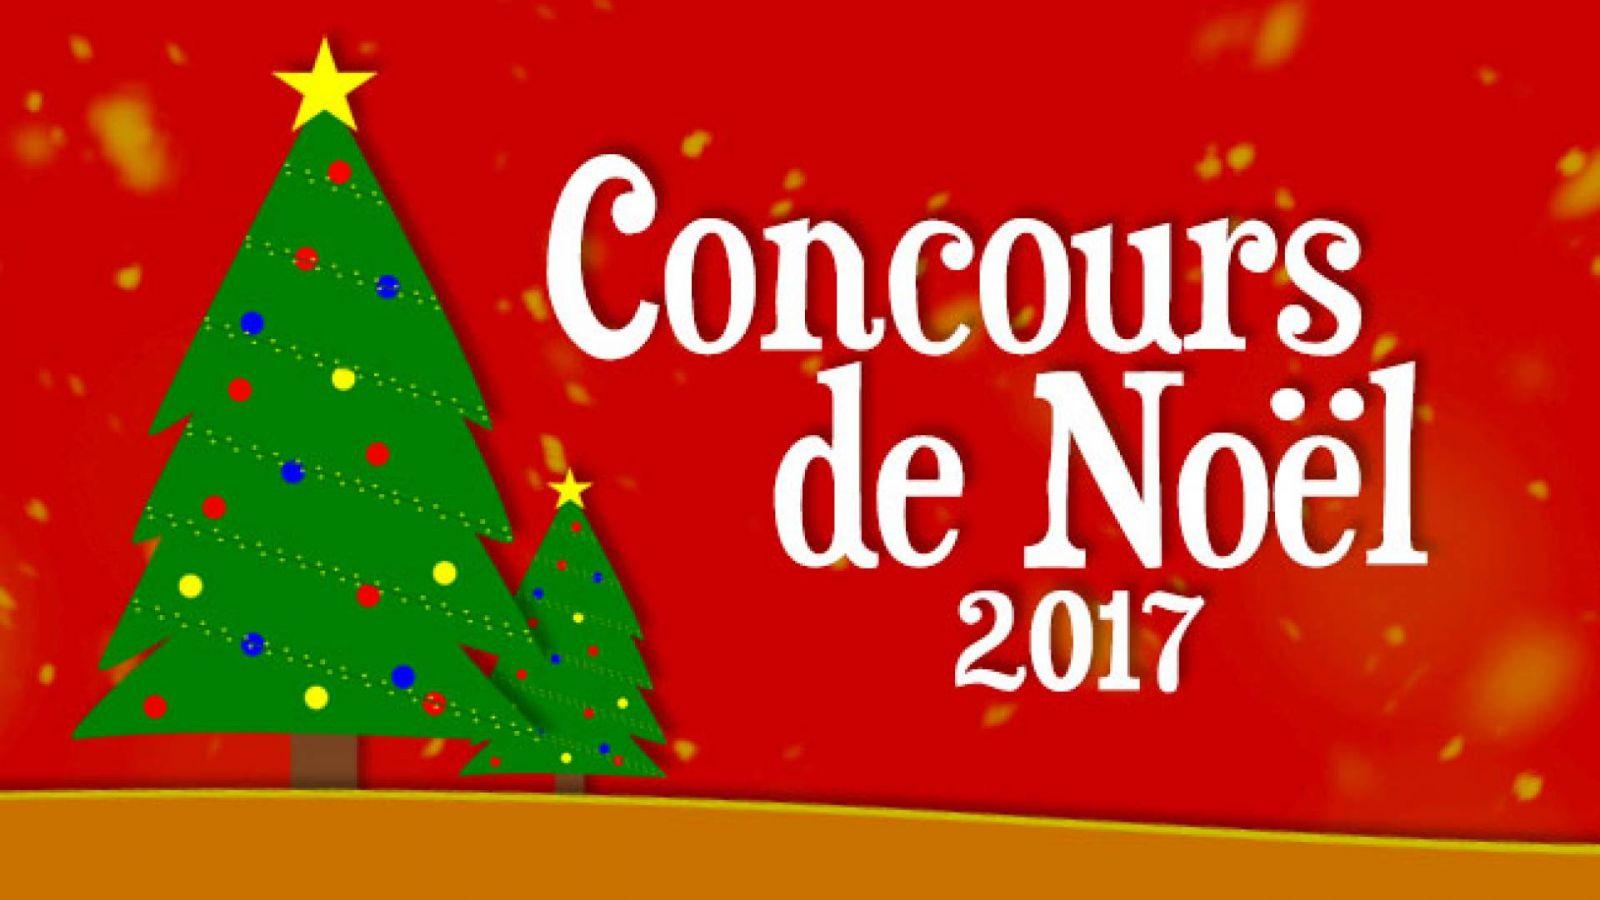 Concours de Noël 2017 © JaME